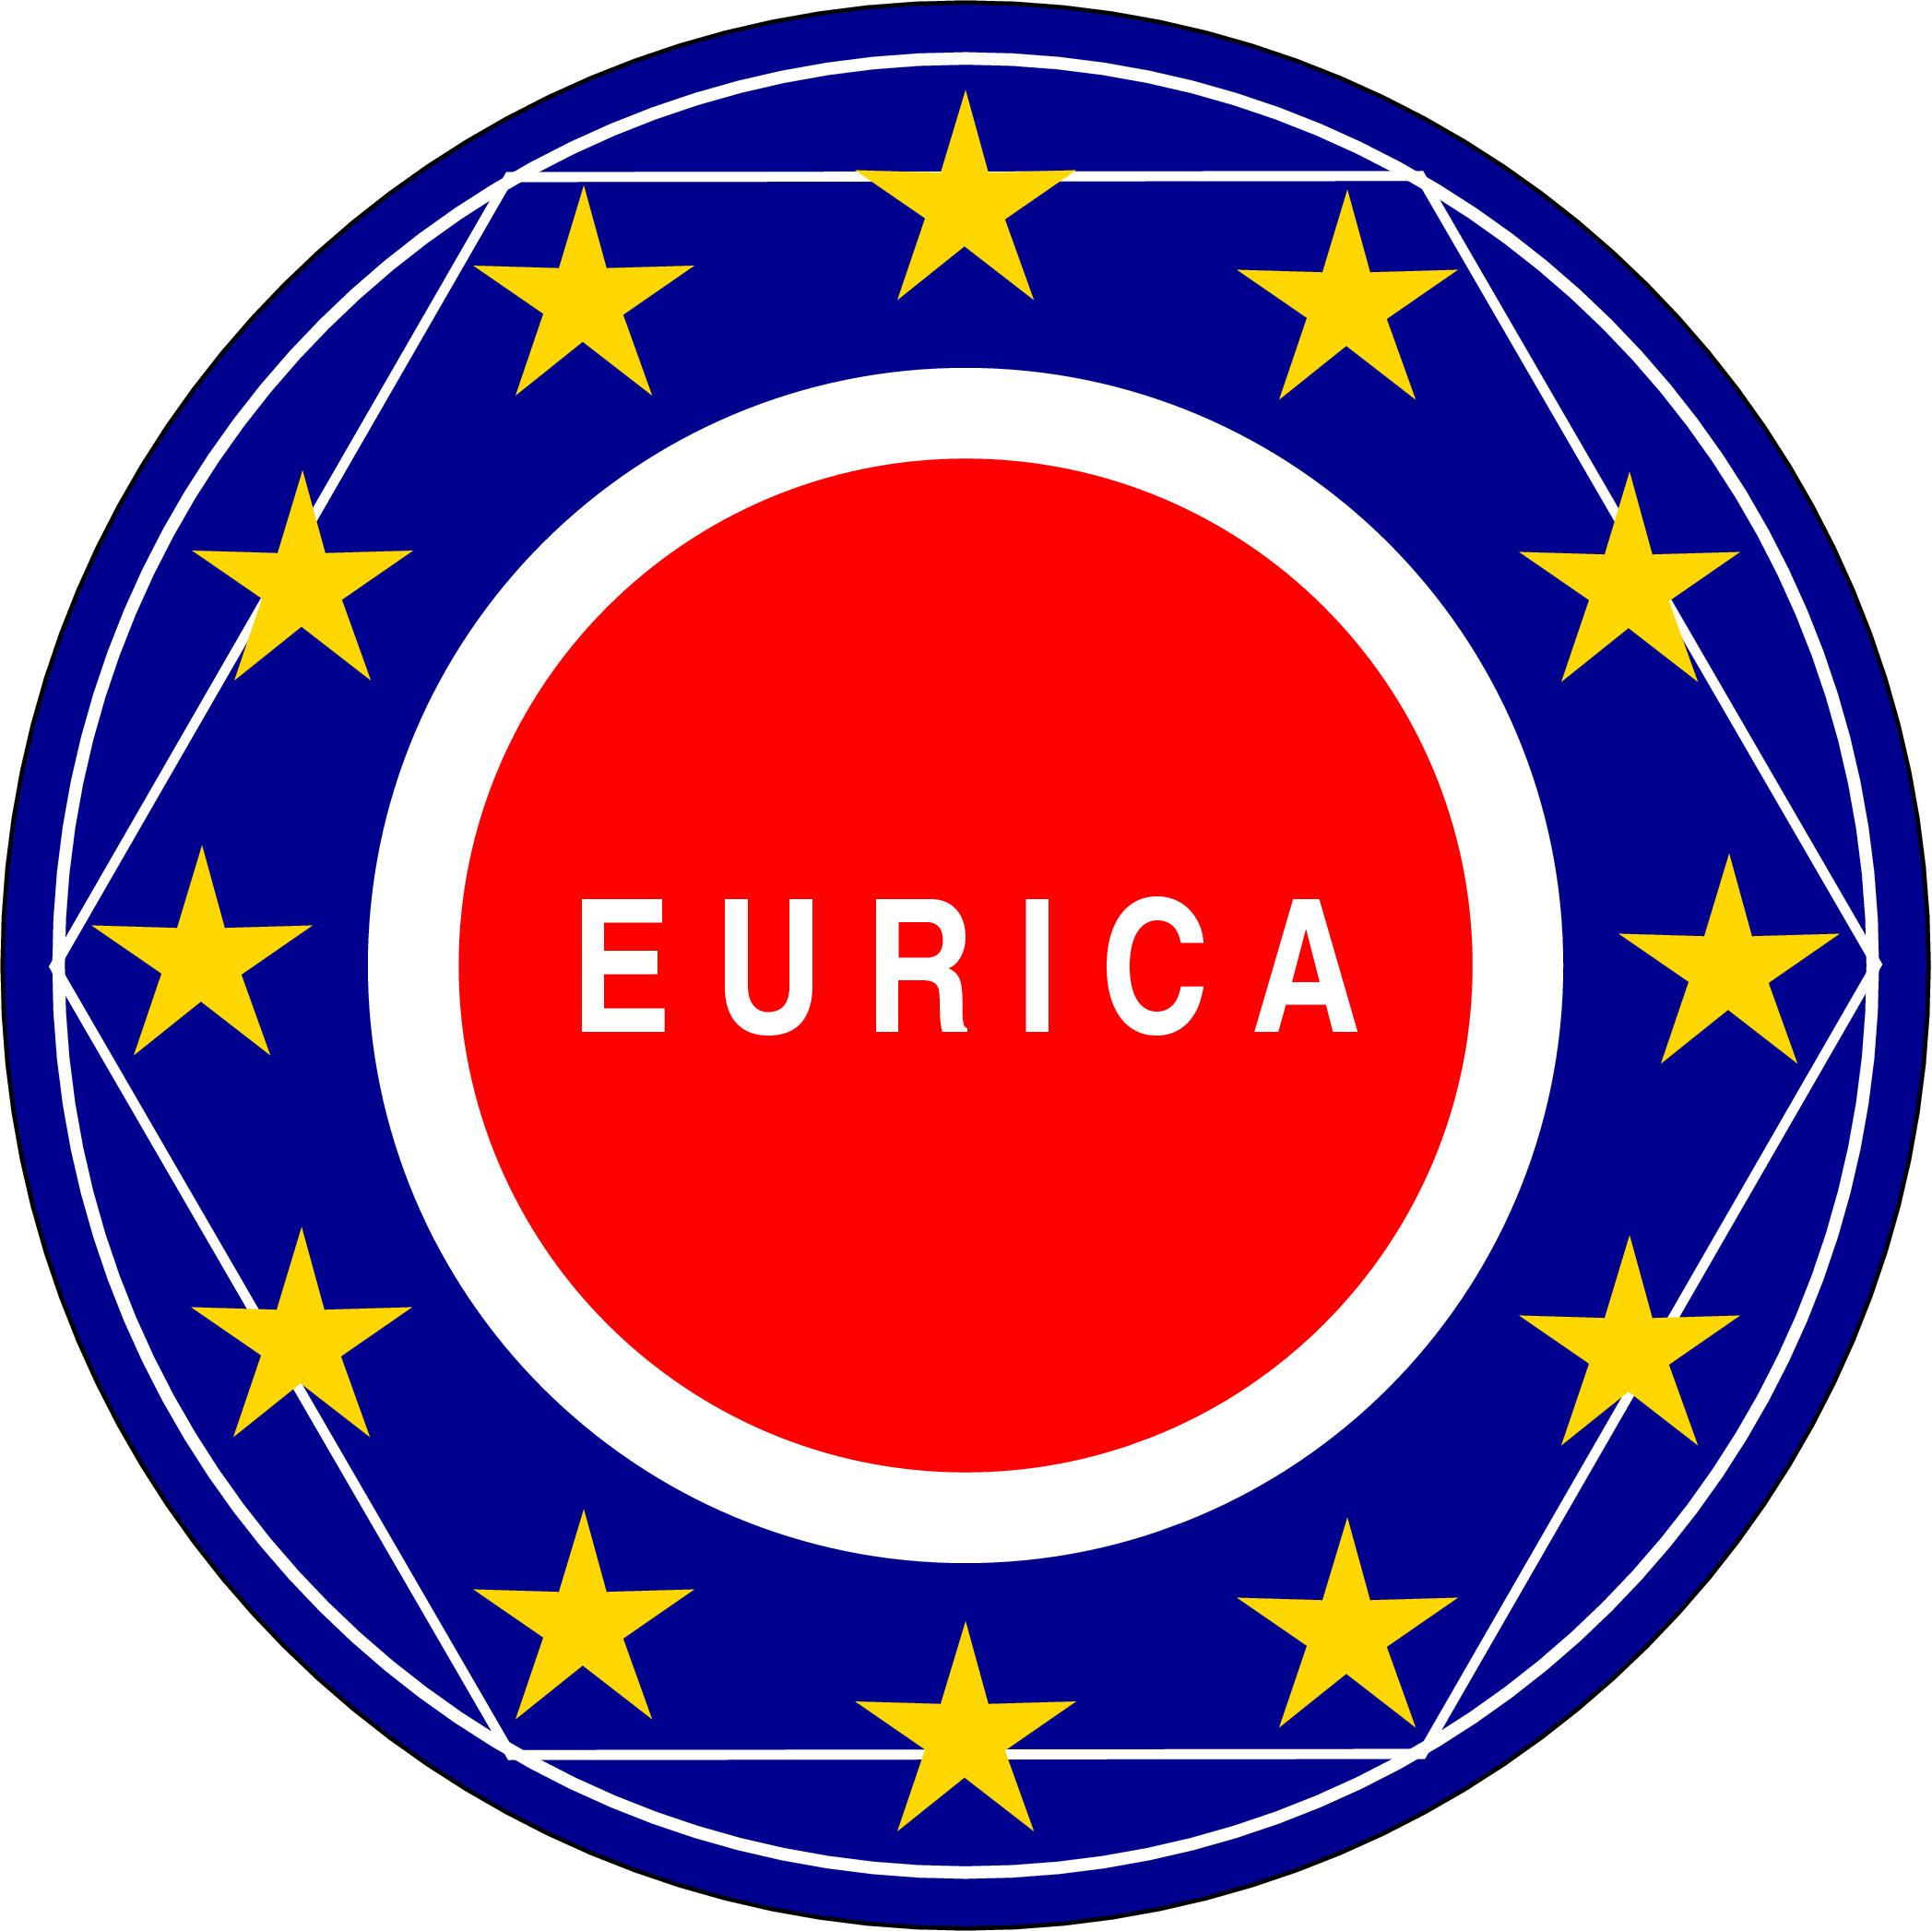 eurica_logo_xfig.png